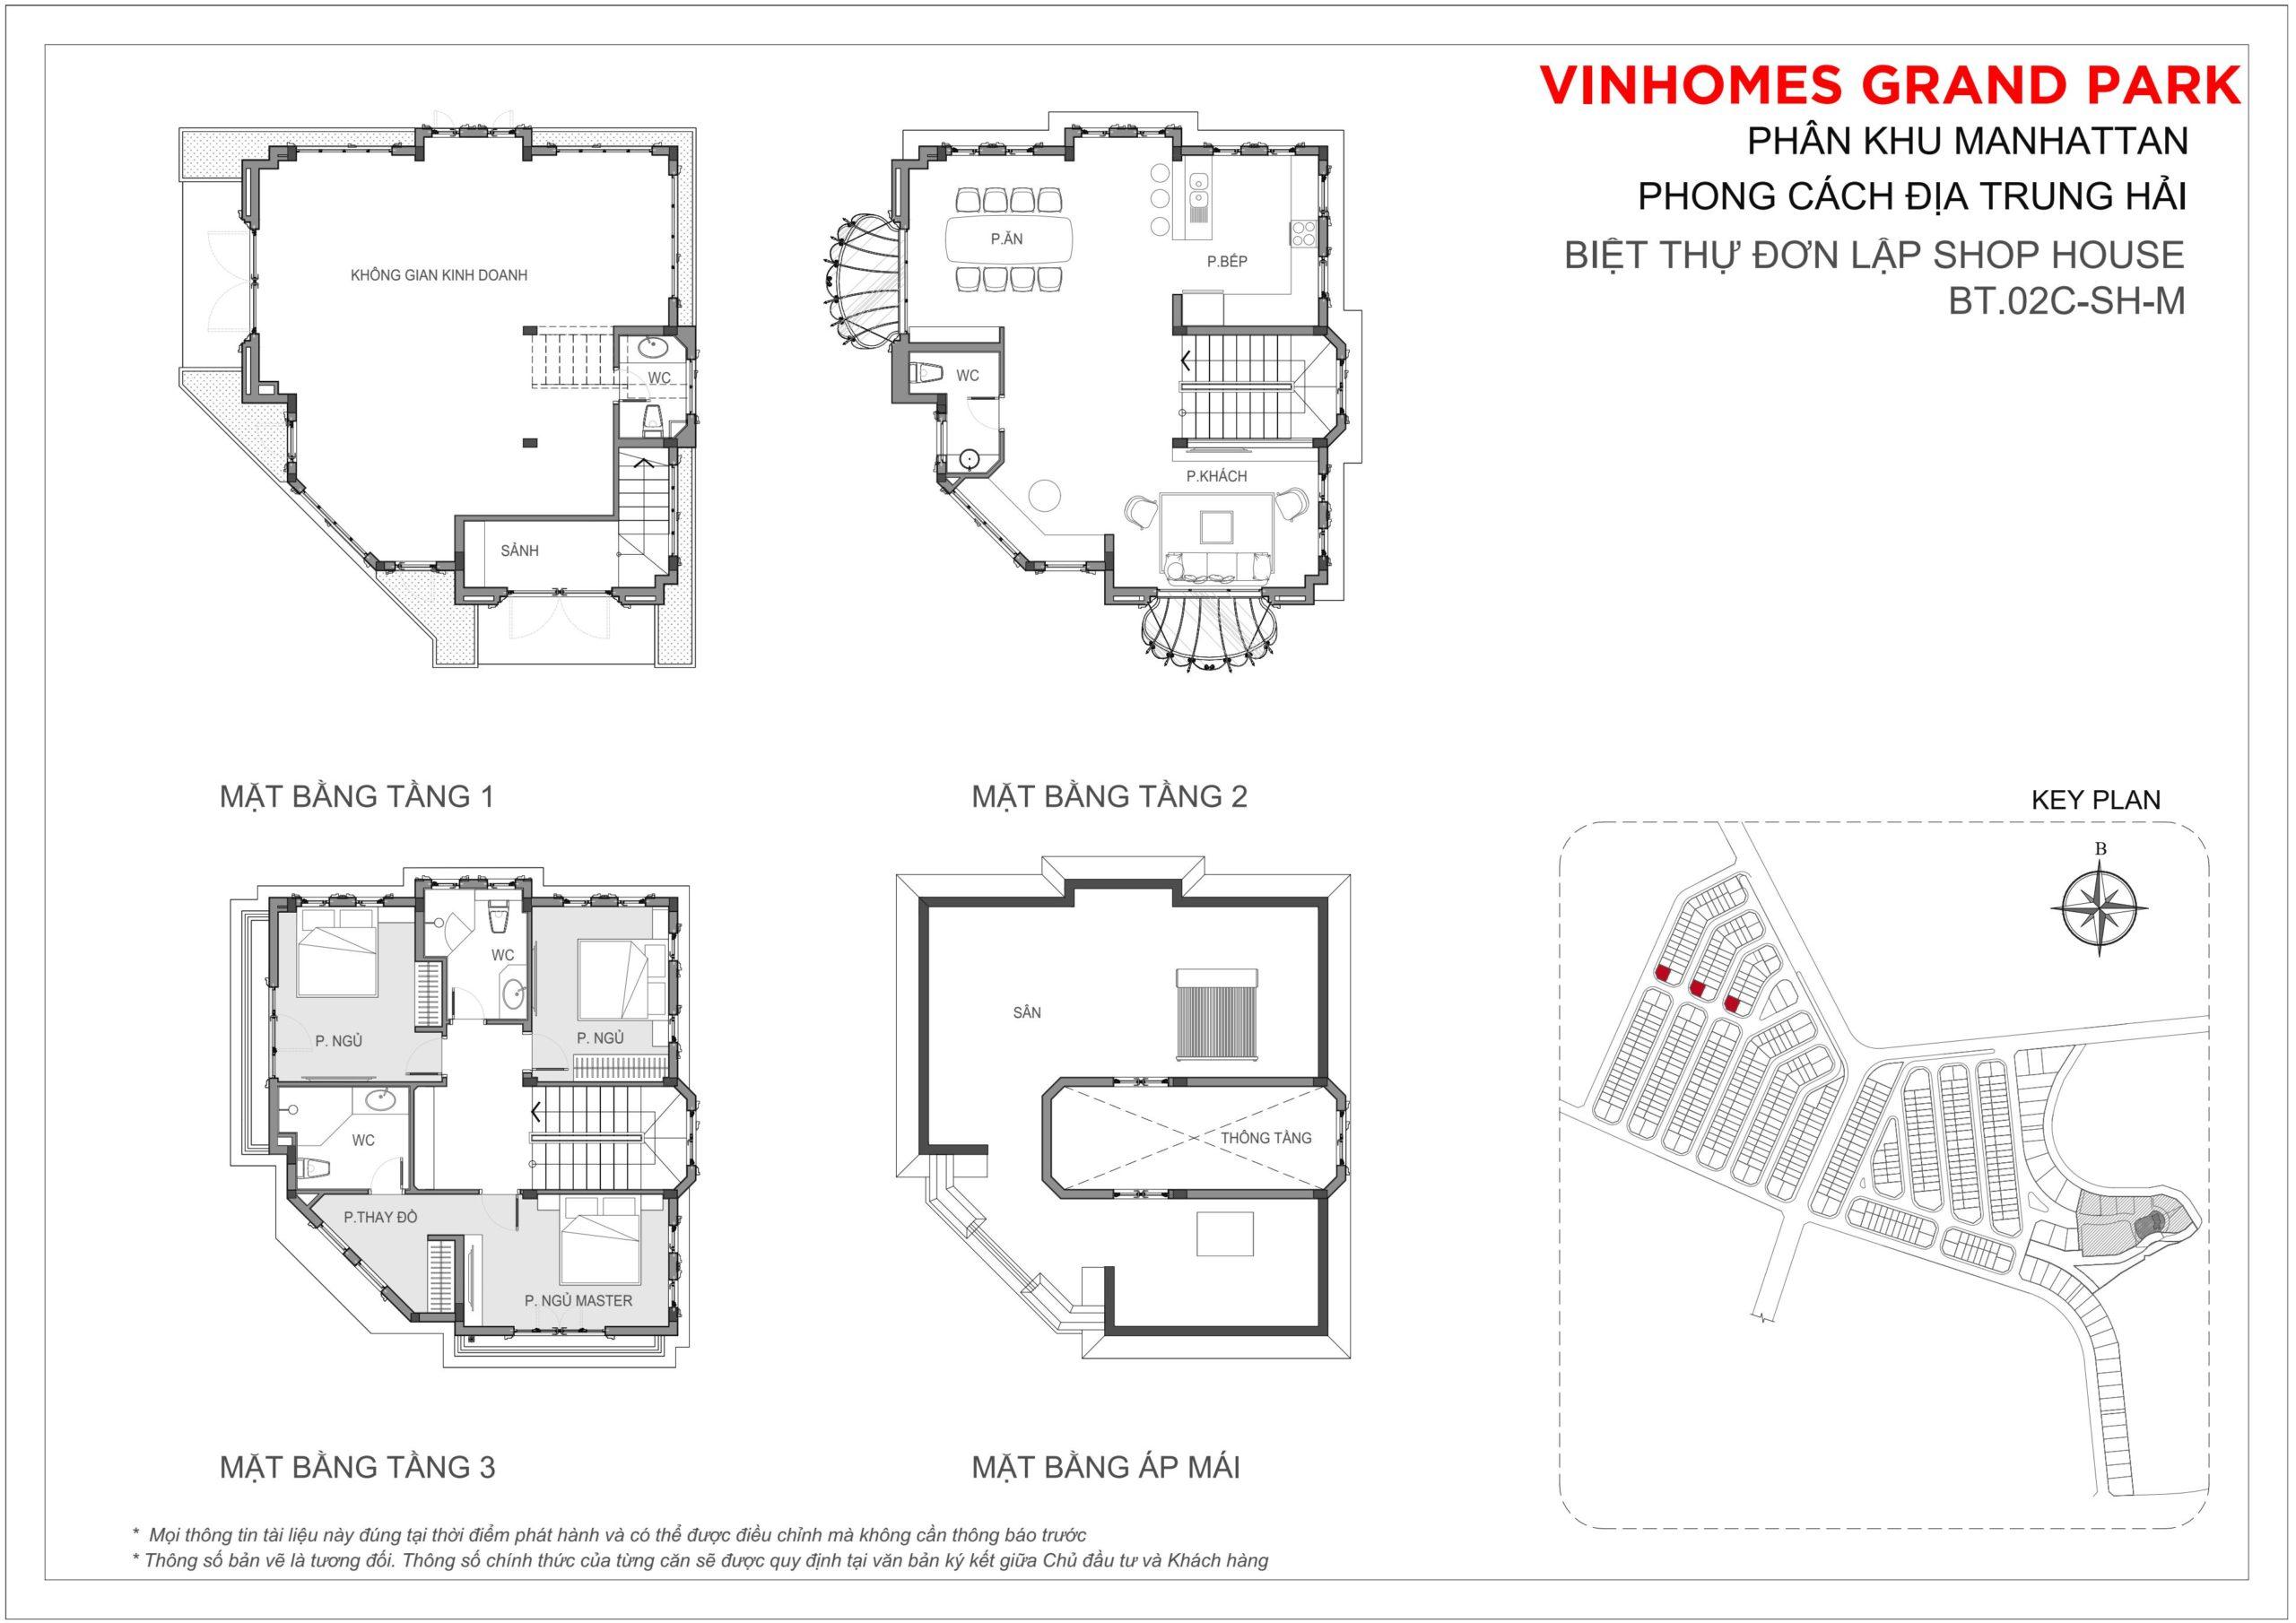 Mặt bằng thiết kế Biệt thự đơn lập The Manhattan Glory Vinhomes Grand Park, quận 9, TP HCM